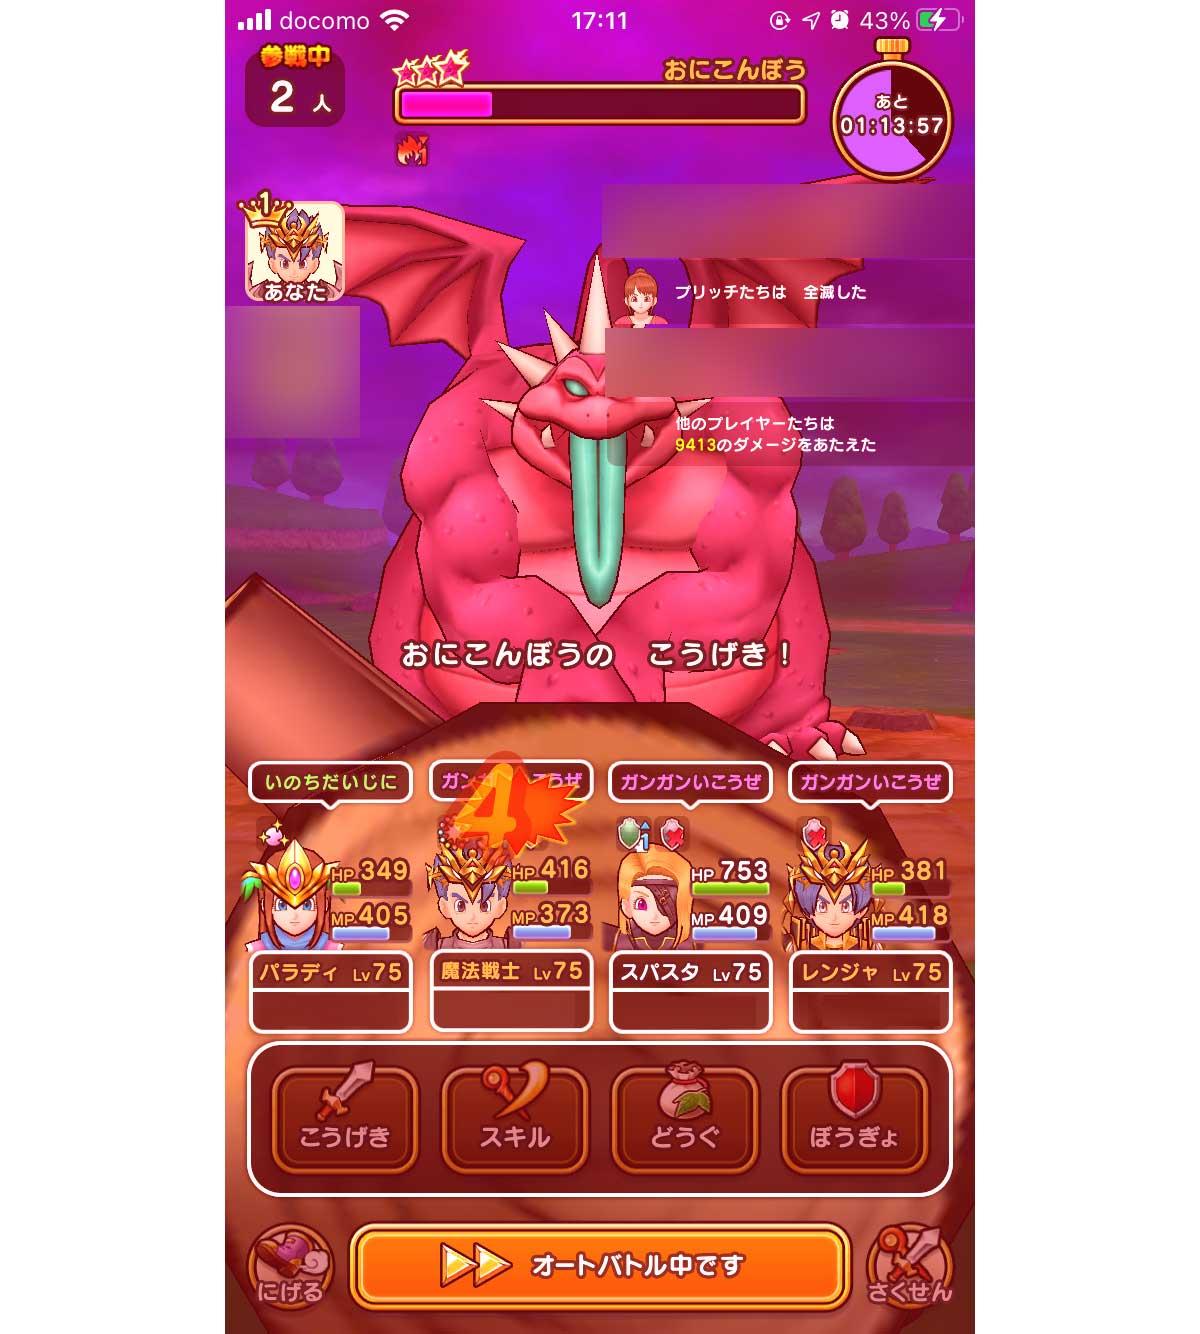 おにこんぼうに勝てない人への安定攻略法!スーパースターをメガモン戦に活用しフルオートで鬼棍棒を倒そうう! 痛恨の一撃対策 dragonquest-walk-onikonbo-img_5827